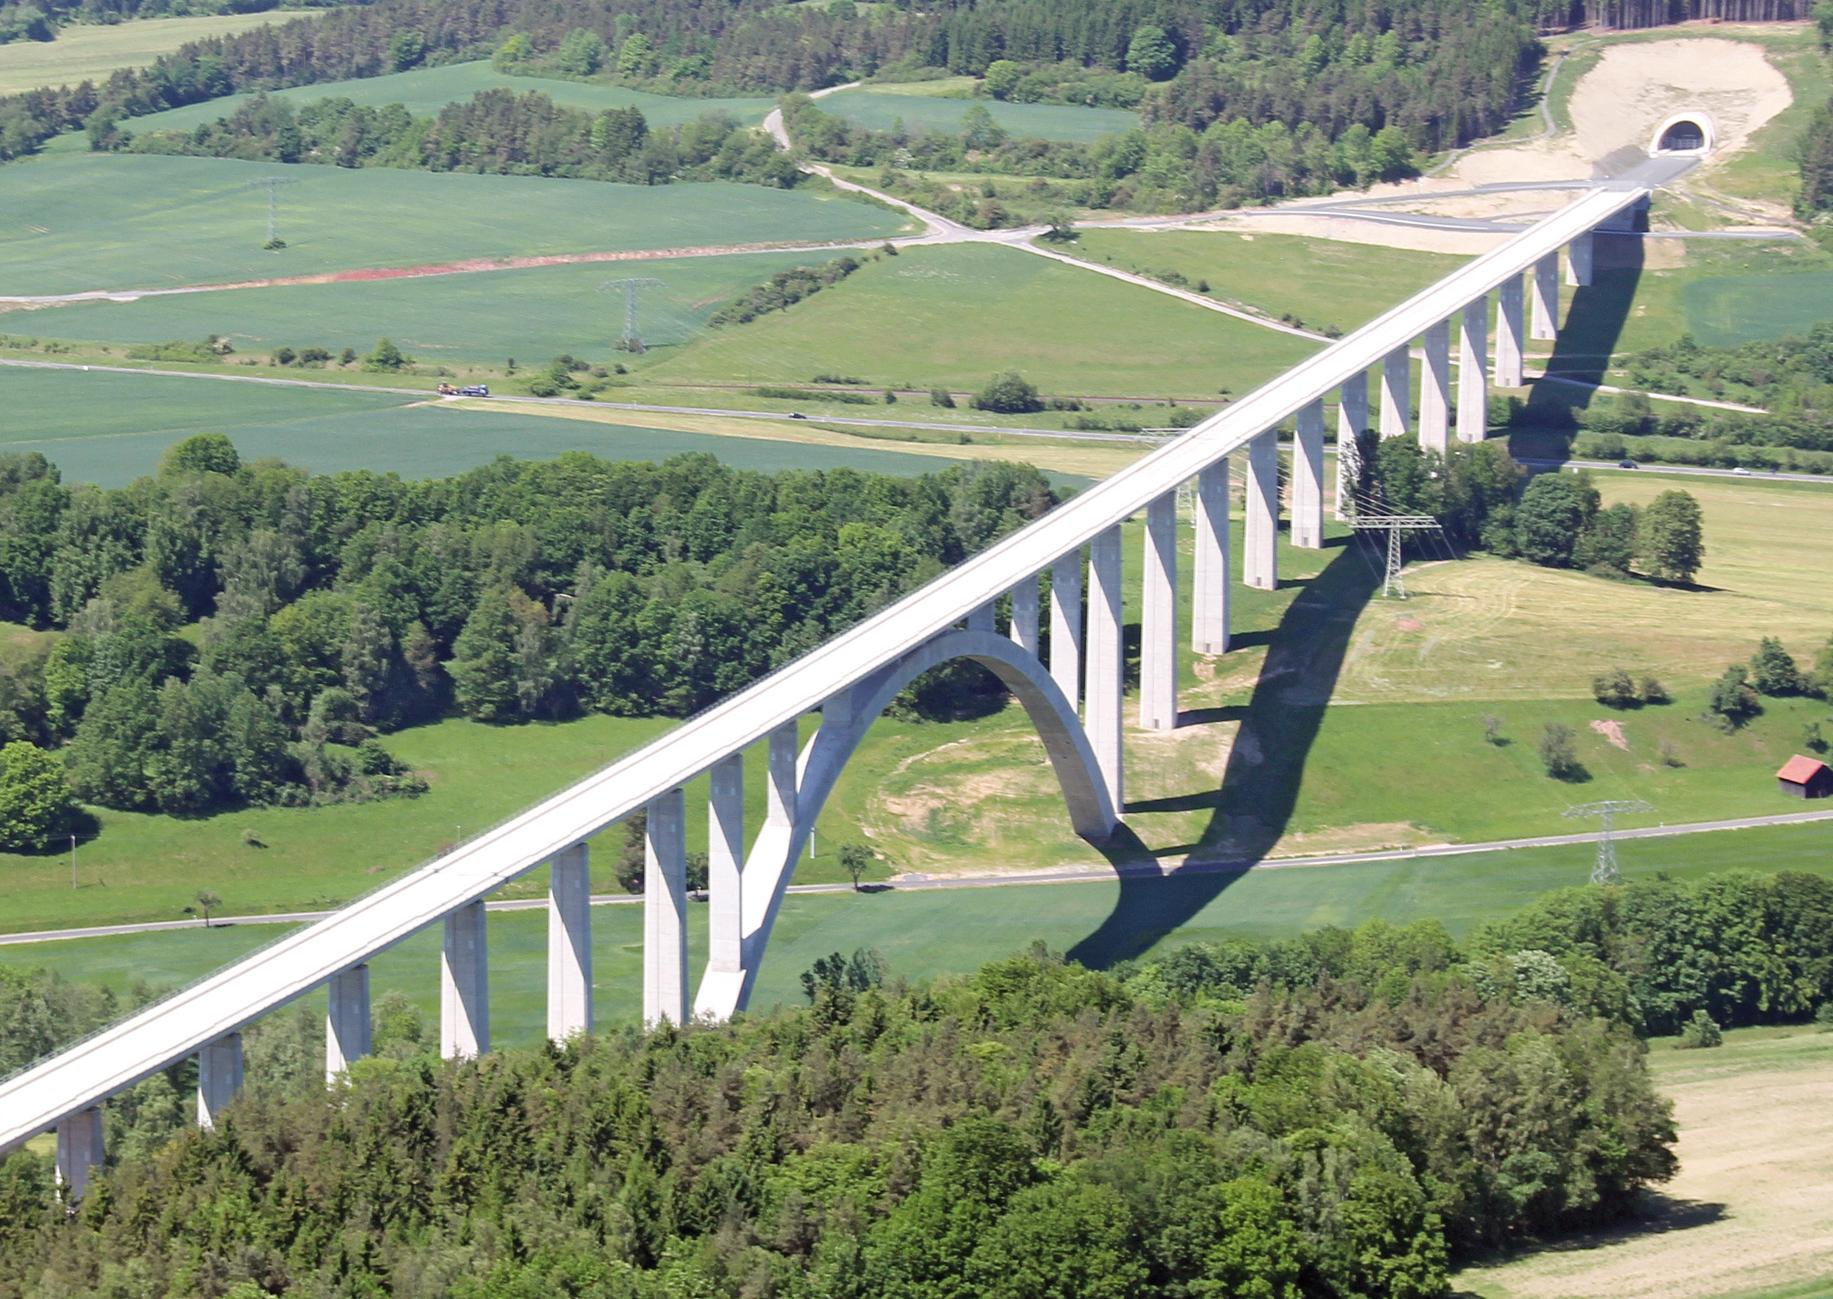 Brücke über ein Tal